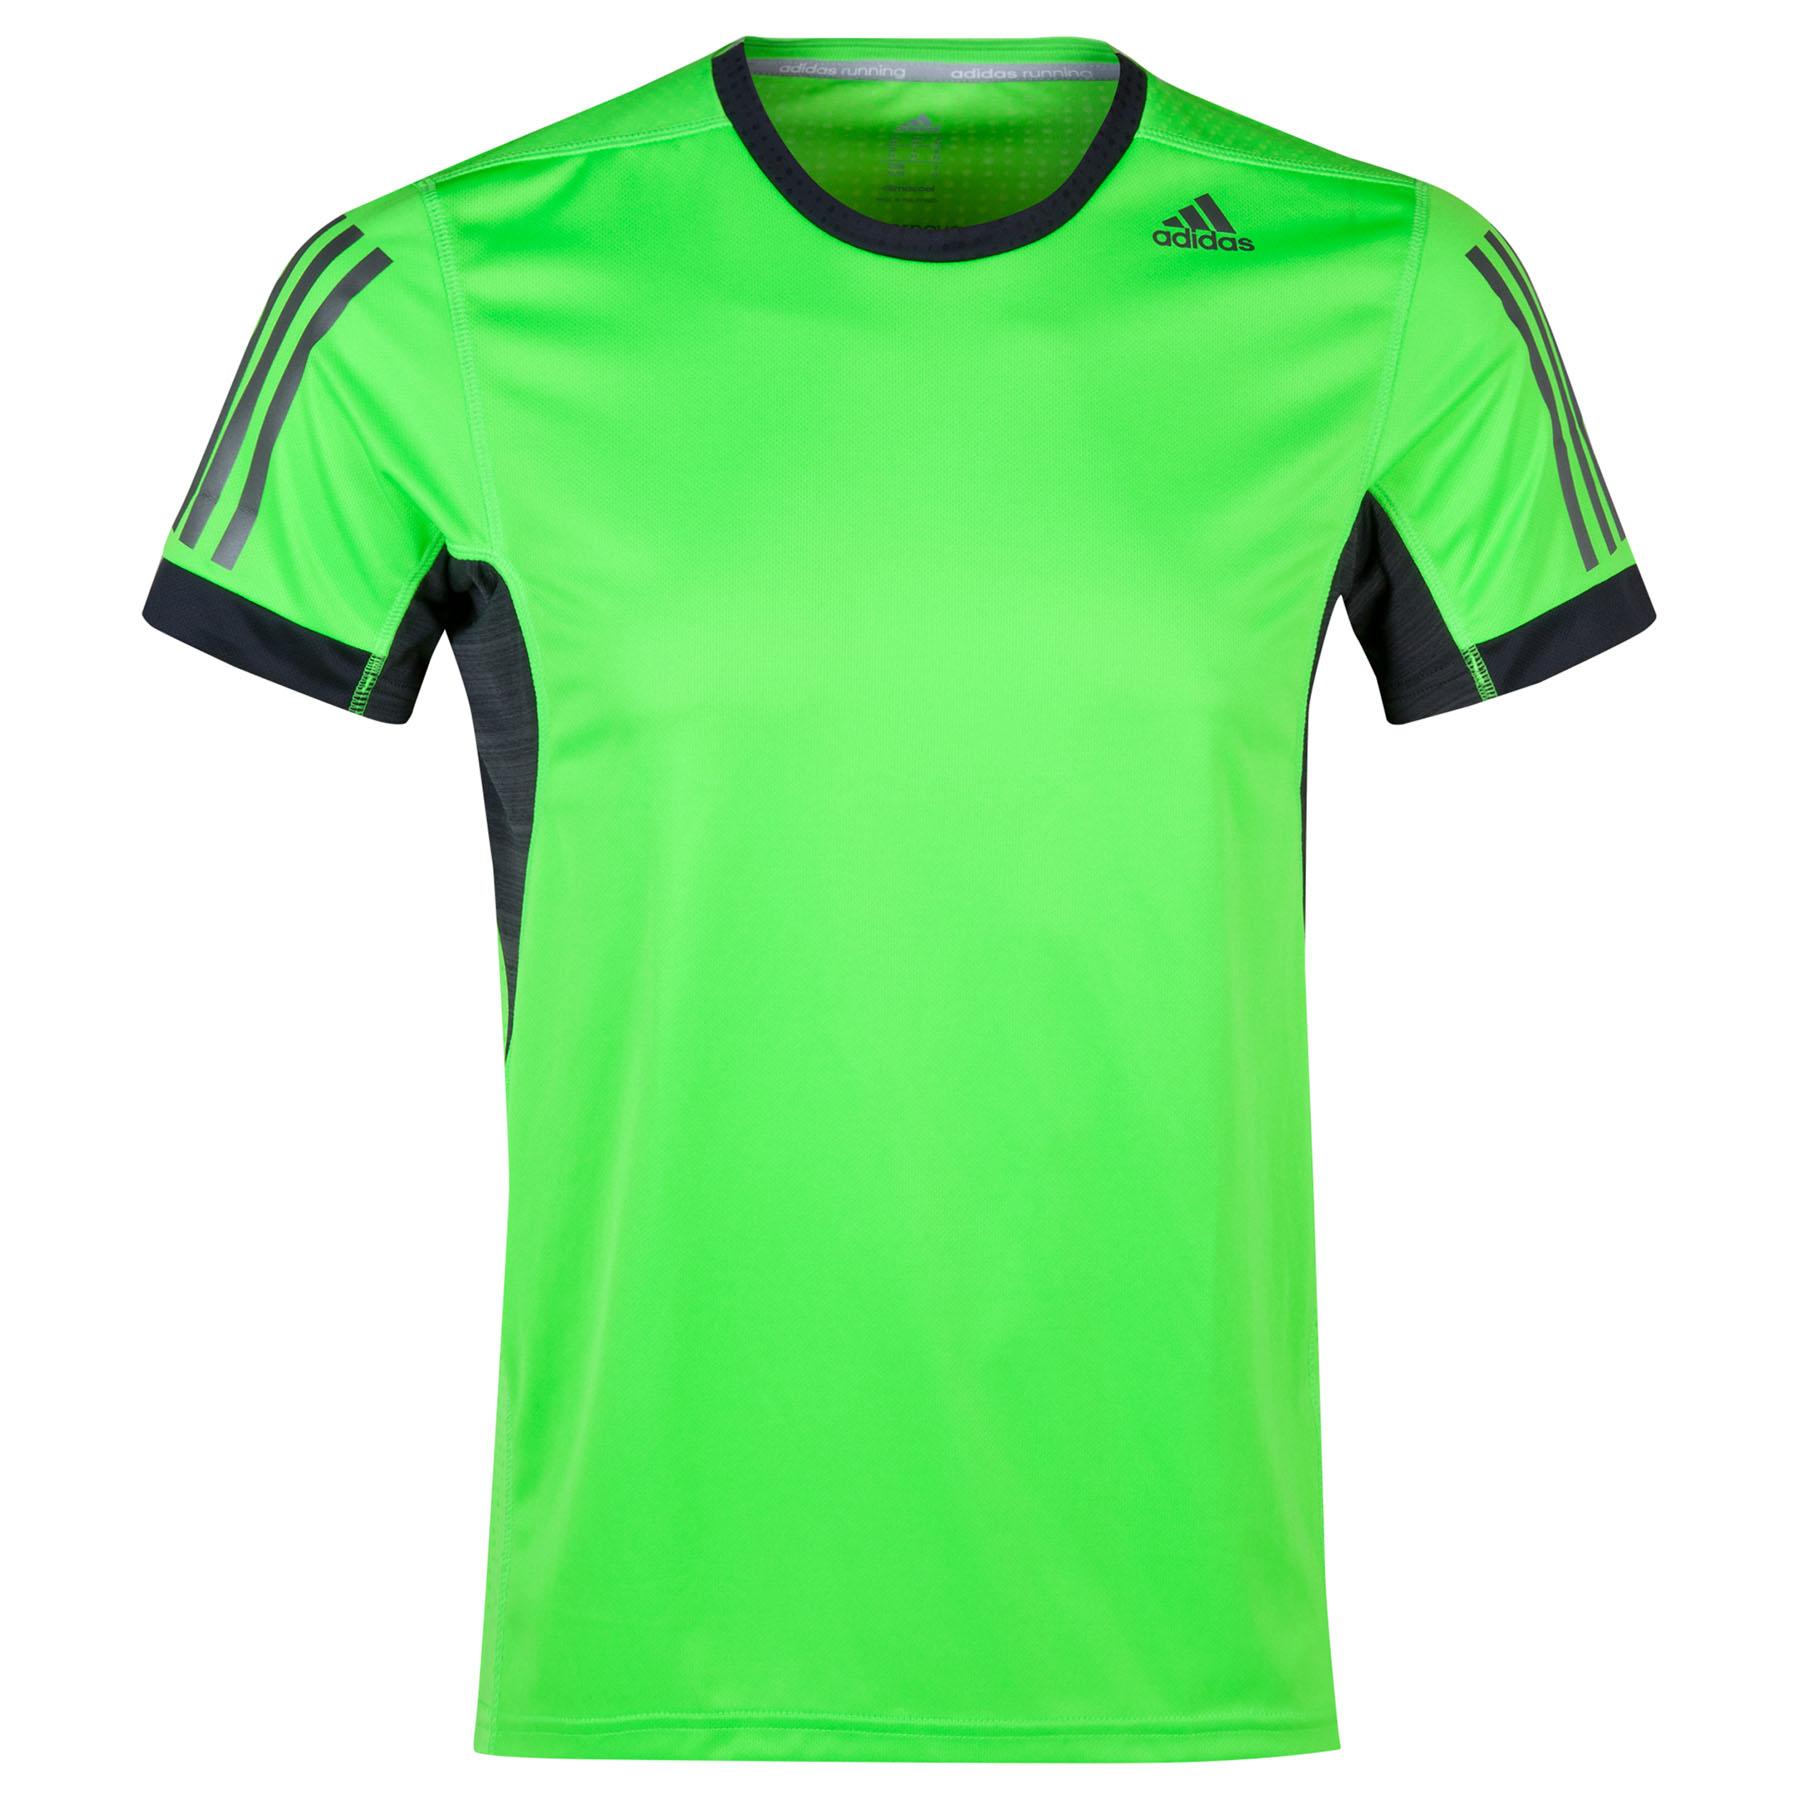 Adidas Supernova TShirt Lt Green